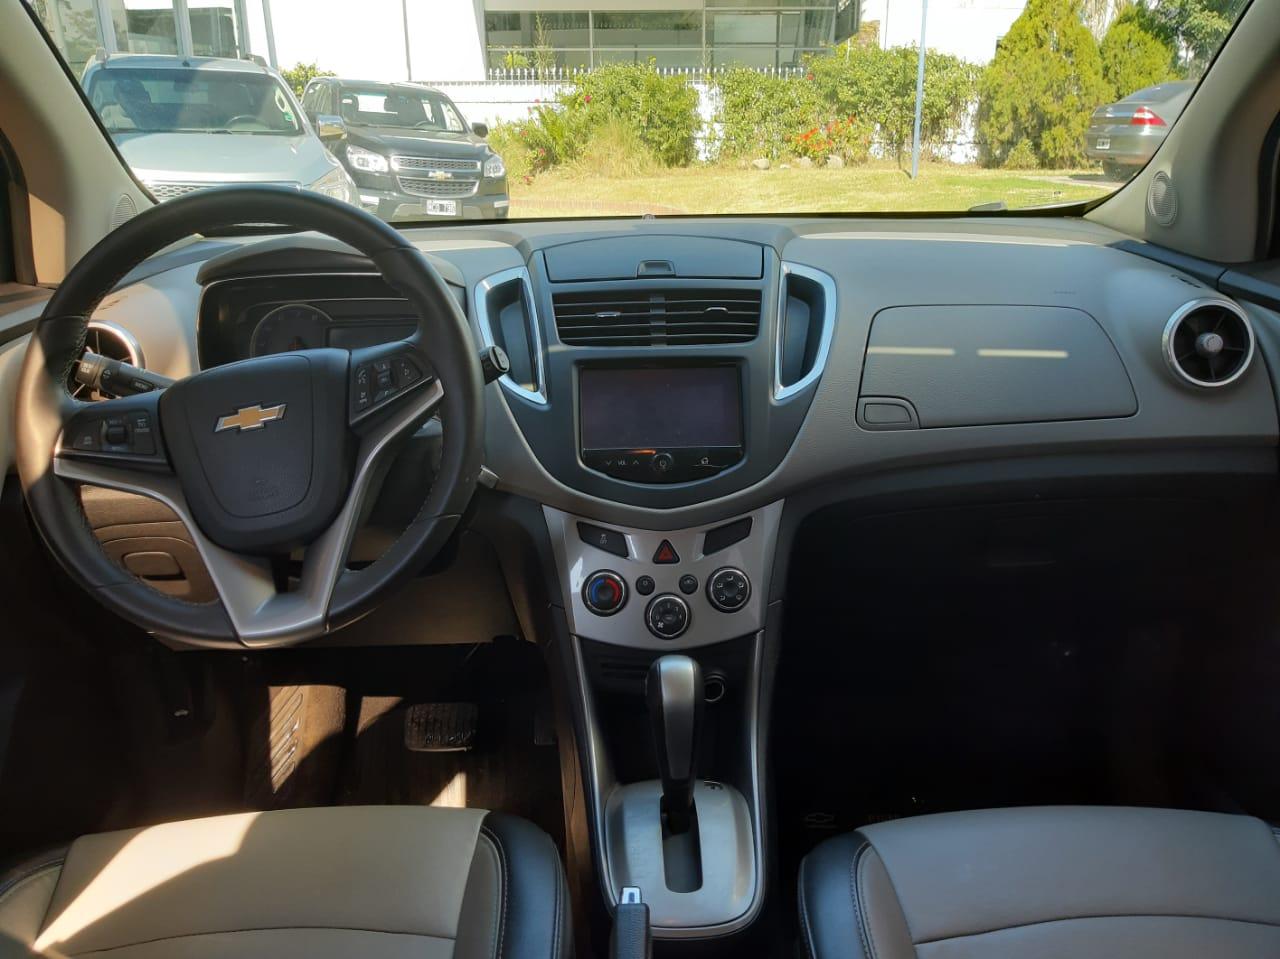 2014 CHEVROLET TRACKER AWD LTZ+ 1,8L